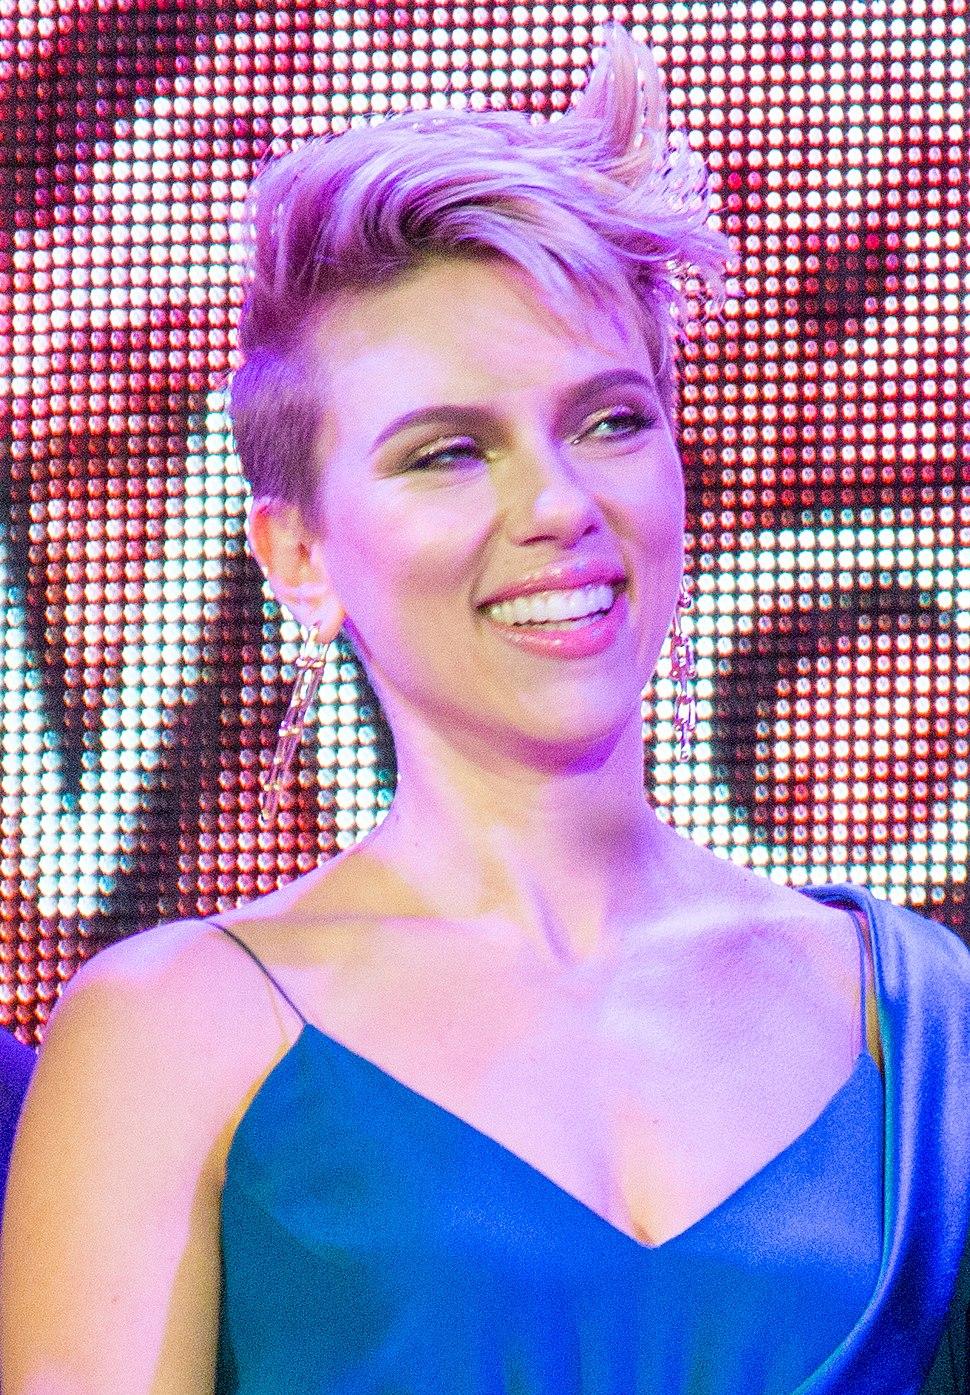 Scarlett Johansson - Howling Pixel